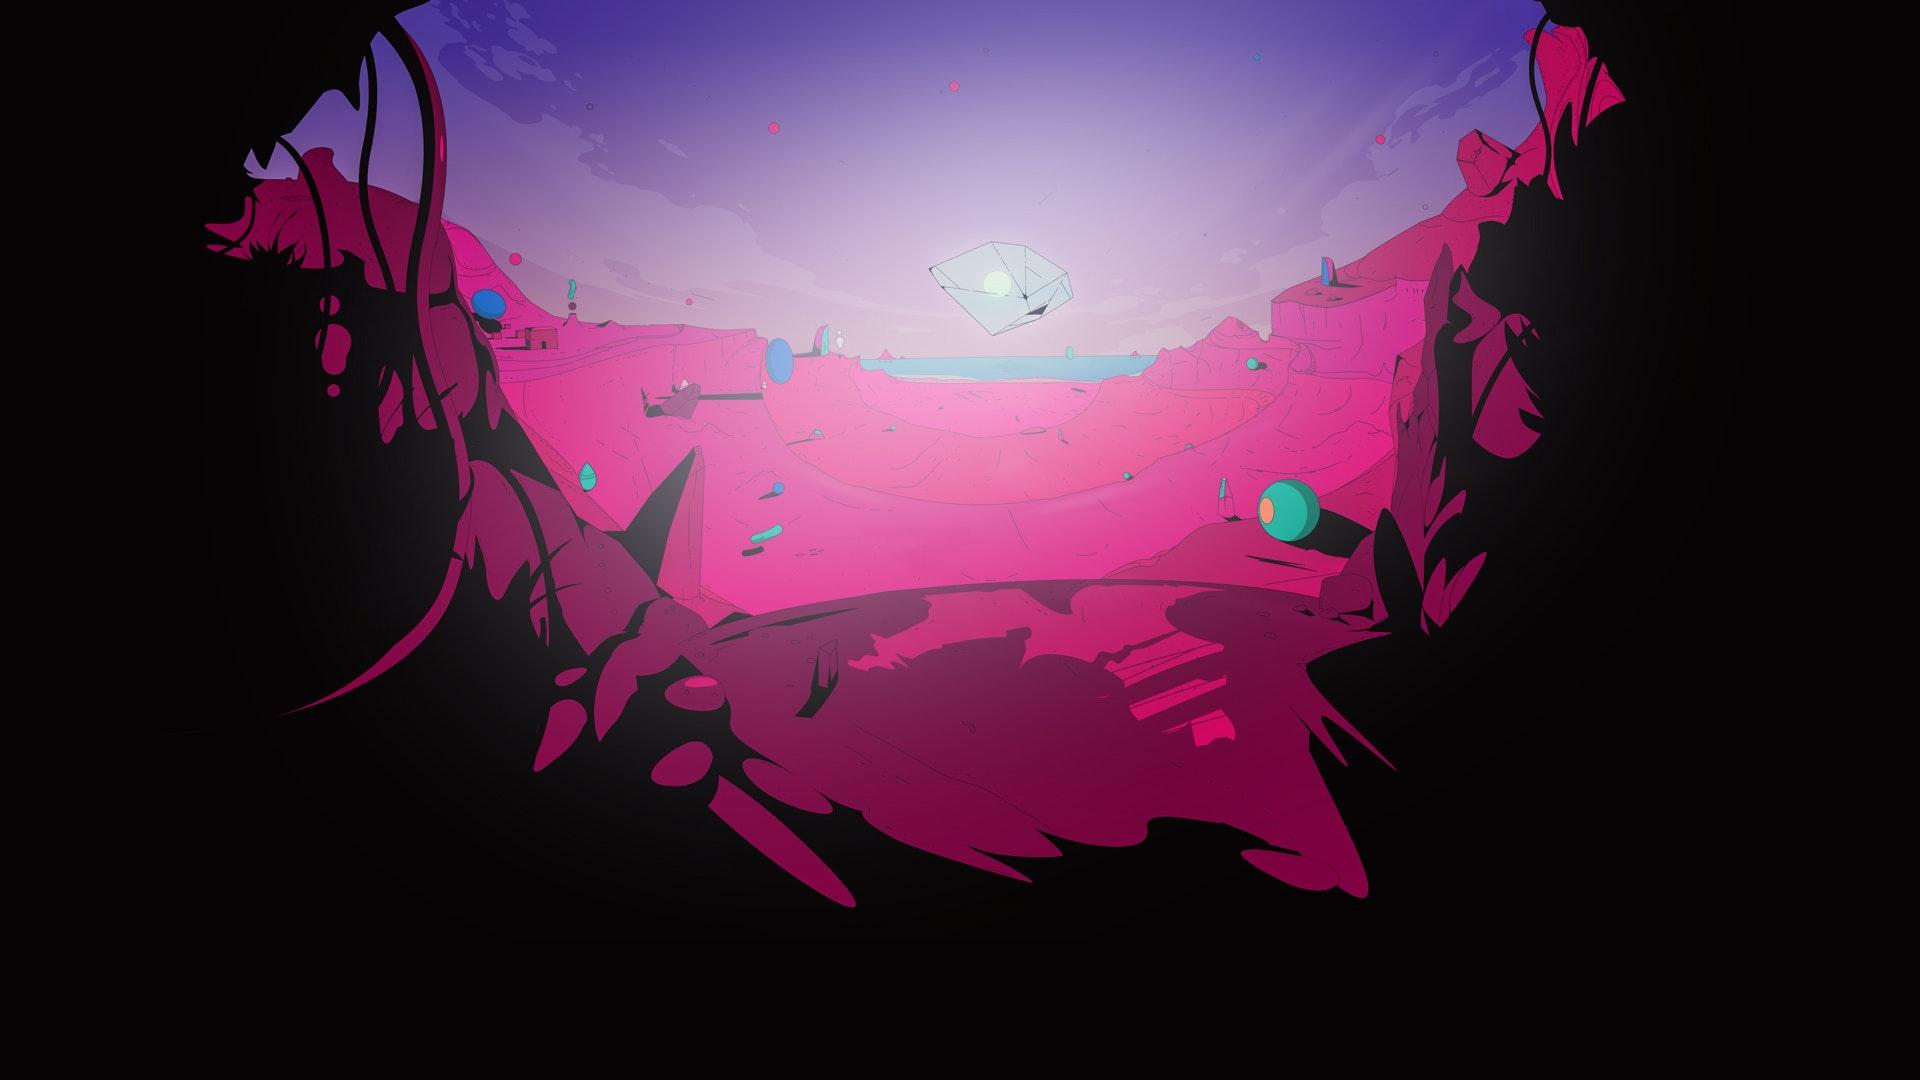 Concept illustration of a surrealist landscape